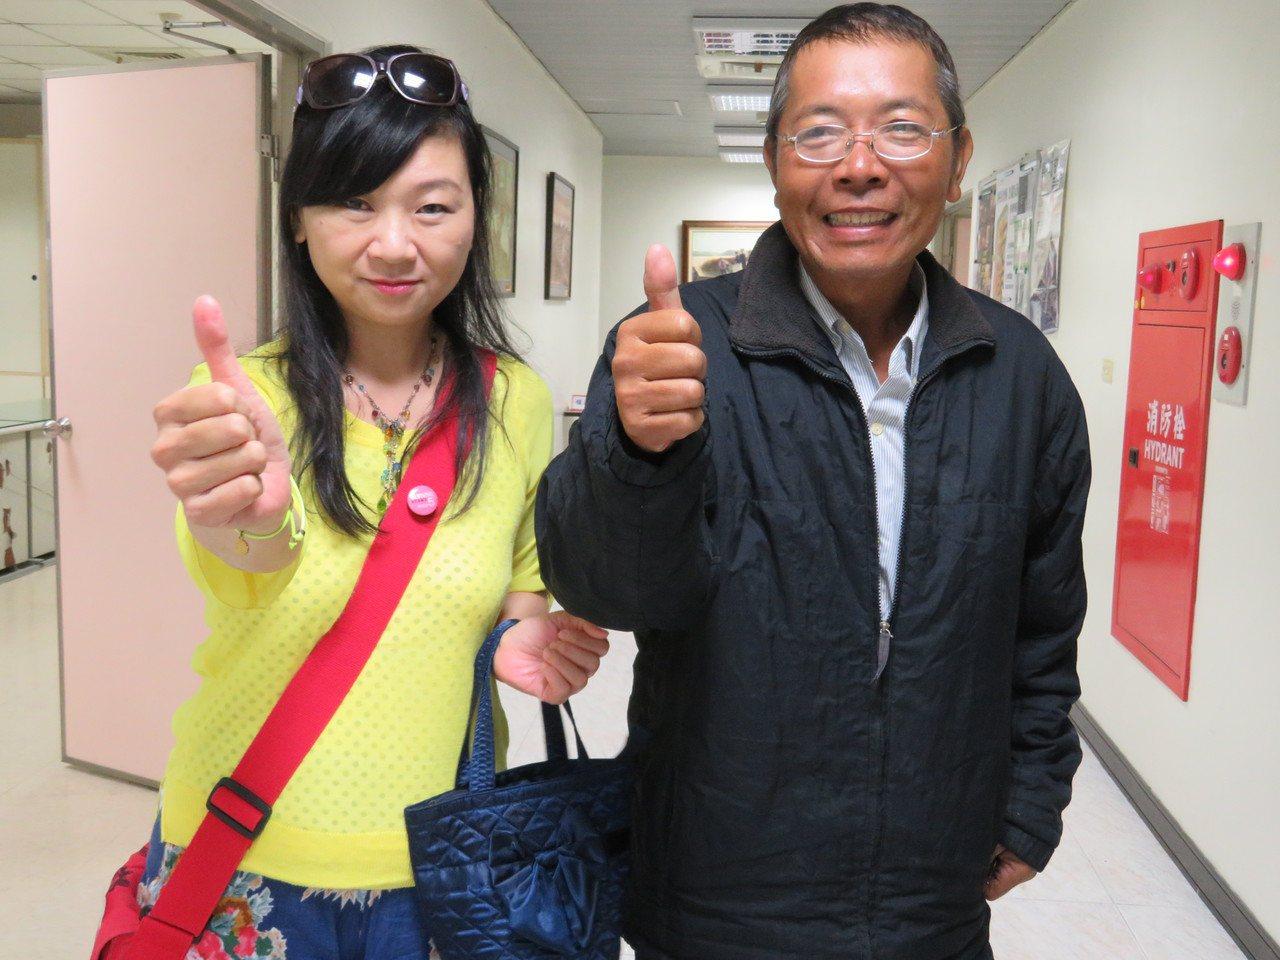 喜樂島聯盟立委參選人黃俊雄(右)許韶珍(左)。圖/聯合報資料照片